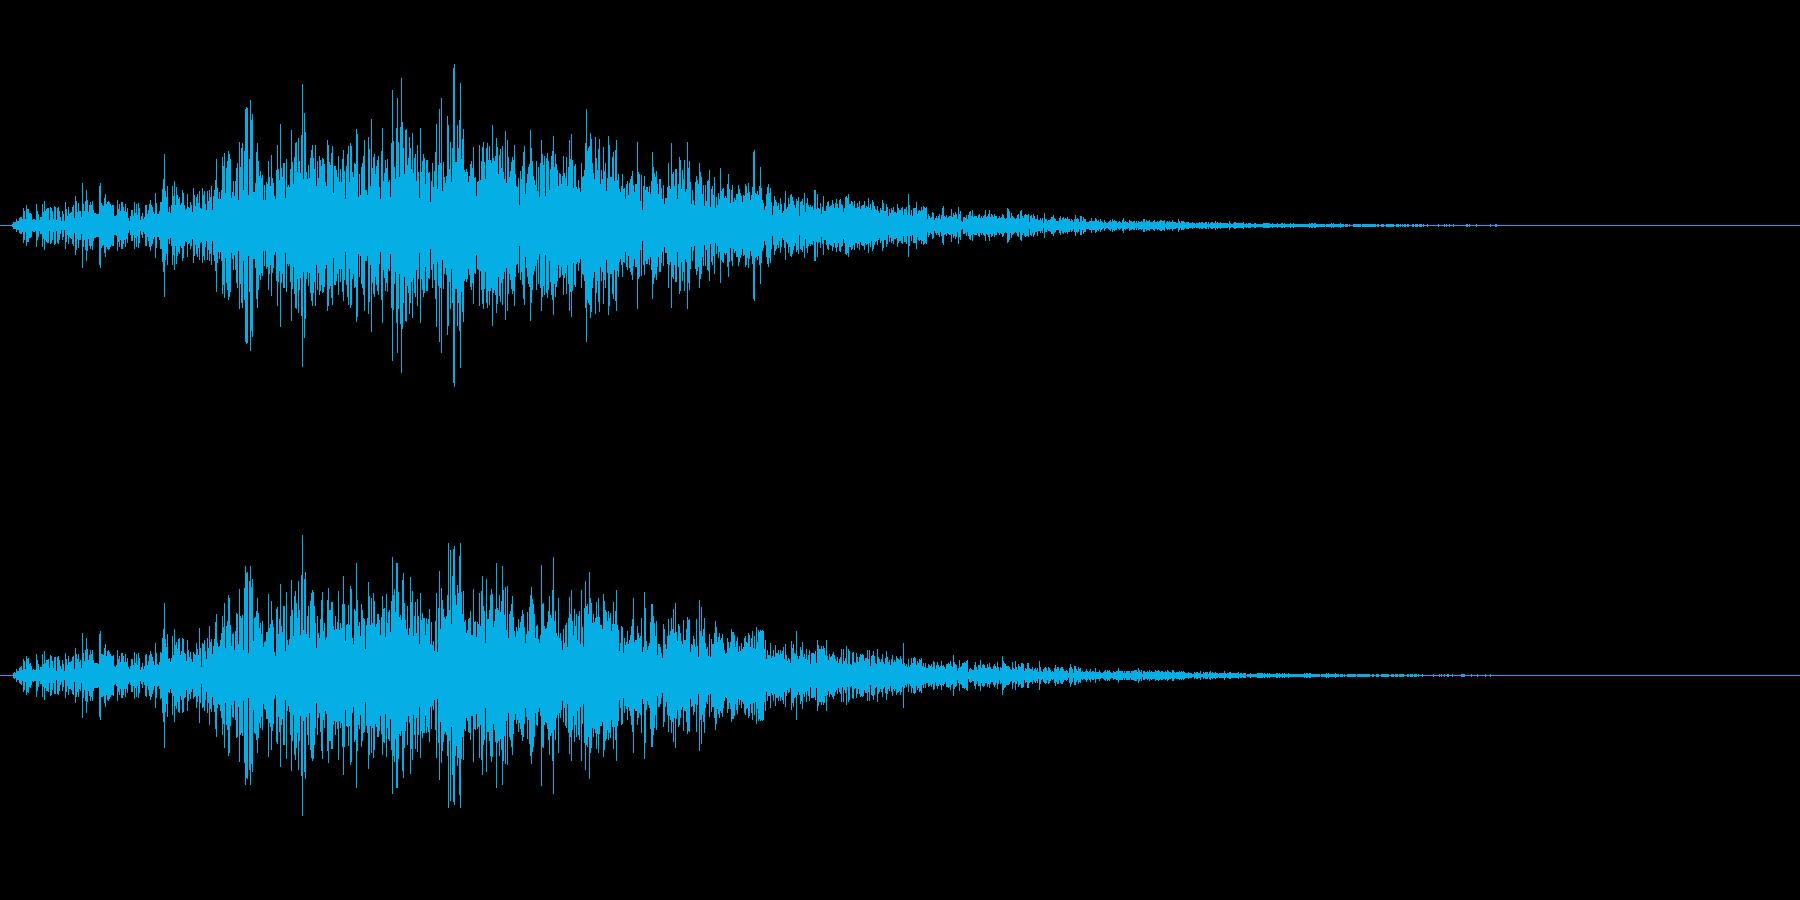 モンスター・海洋生物の触手/振り下ろすの再生済みの波形